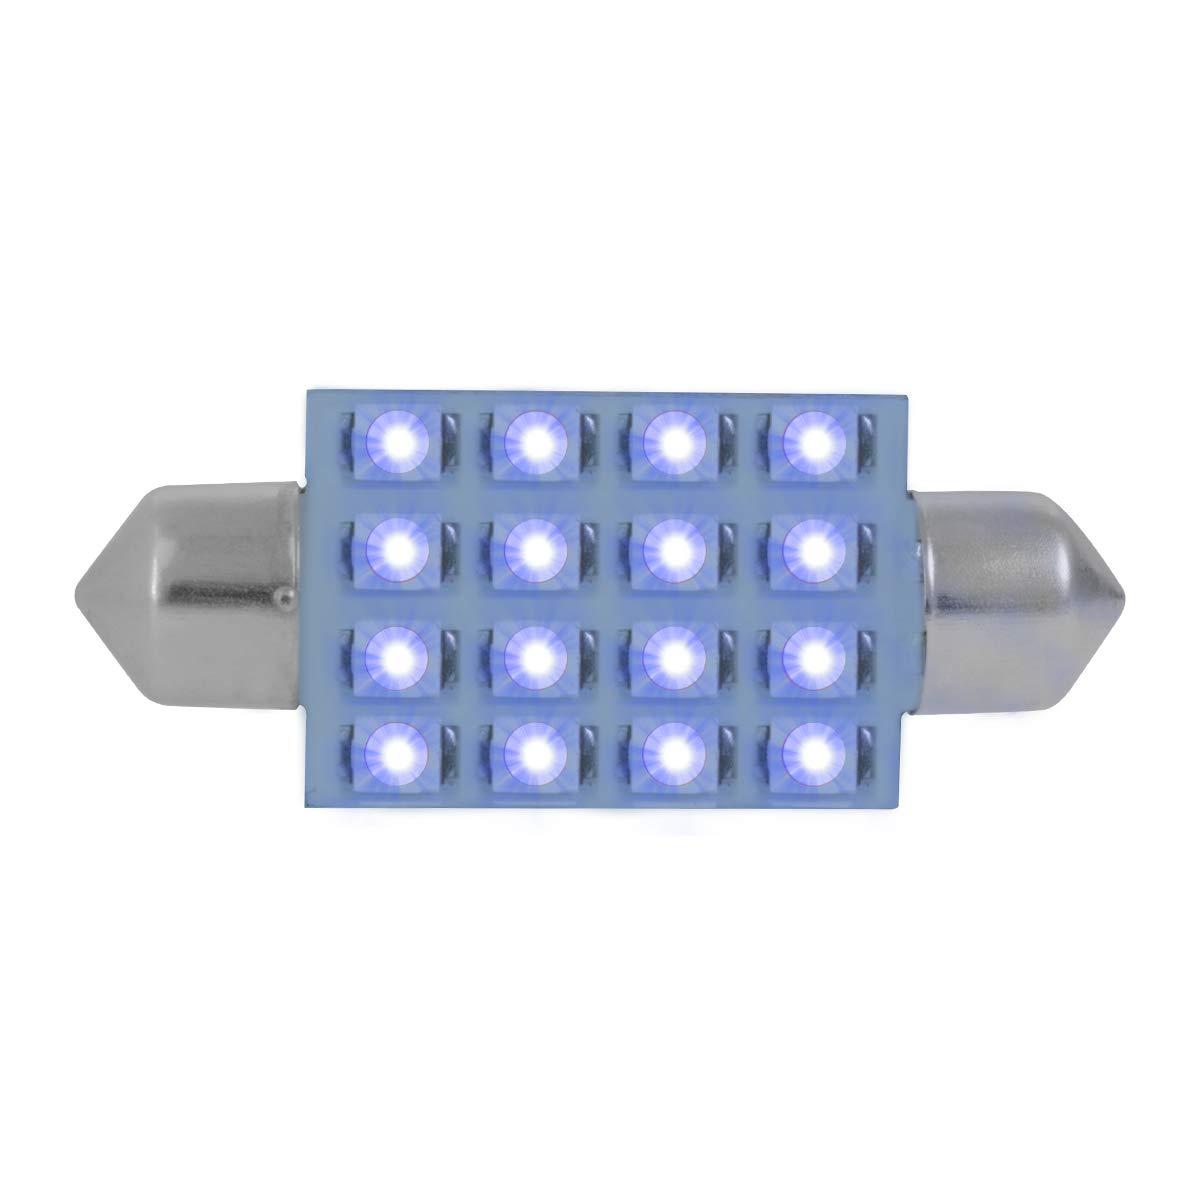 211-2 Blue 16-LED Festoon Dome, 12V GG Grand General 76101 Light Bulb